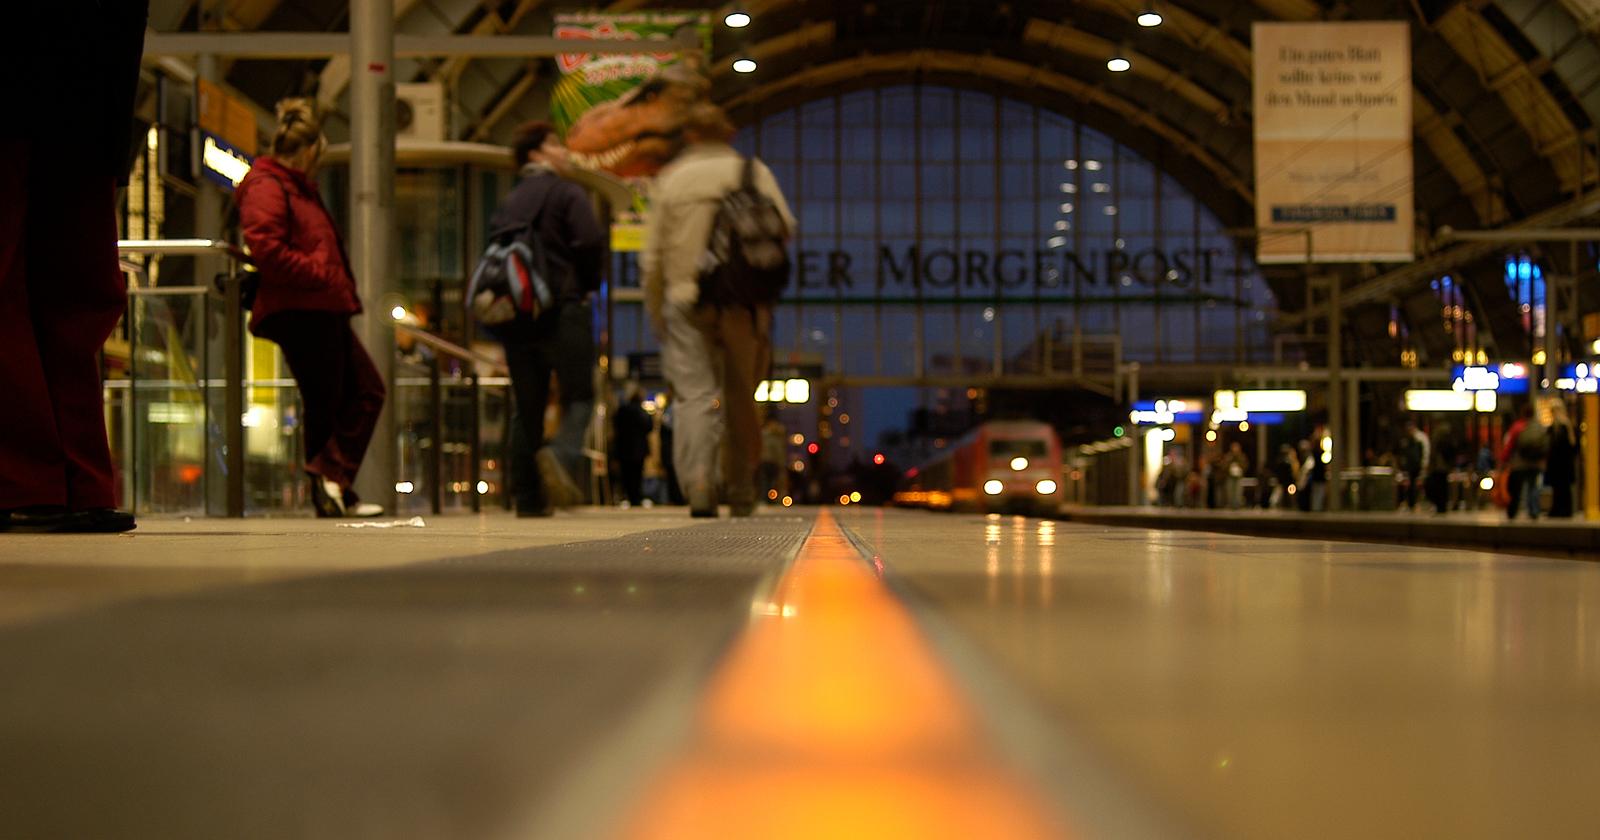 frissewind-foto-reportage11-vervoer